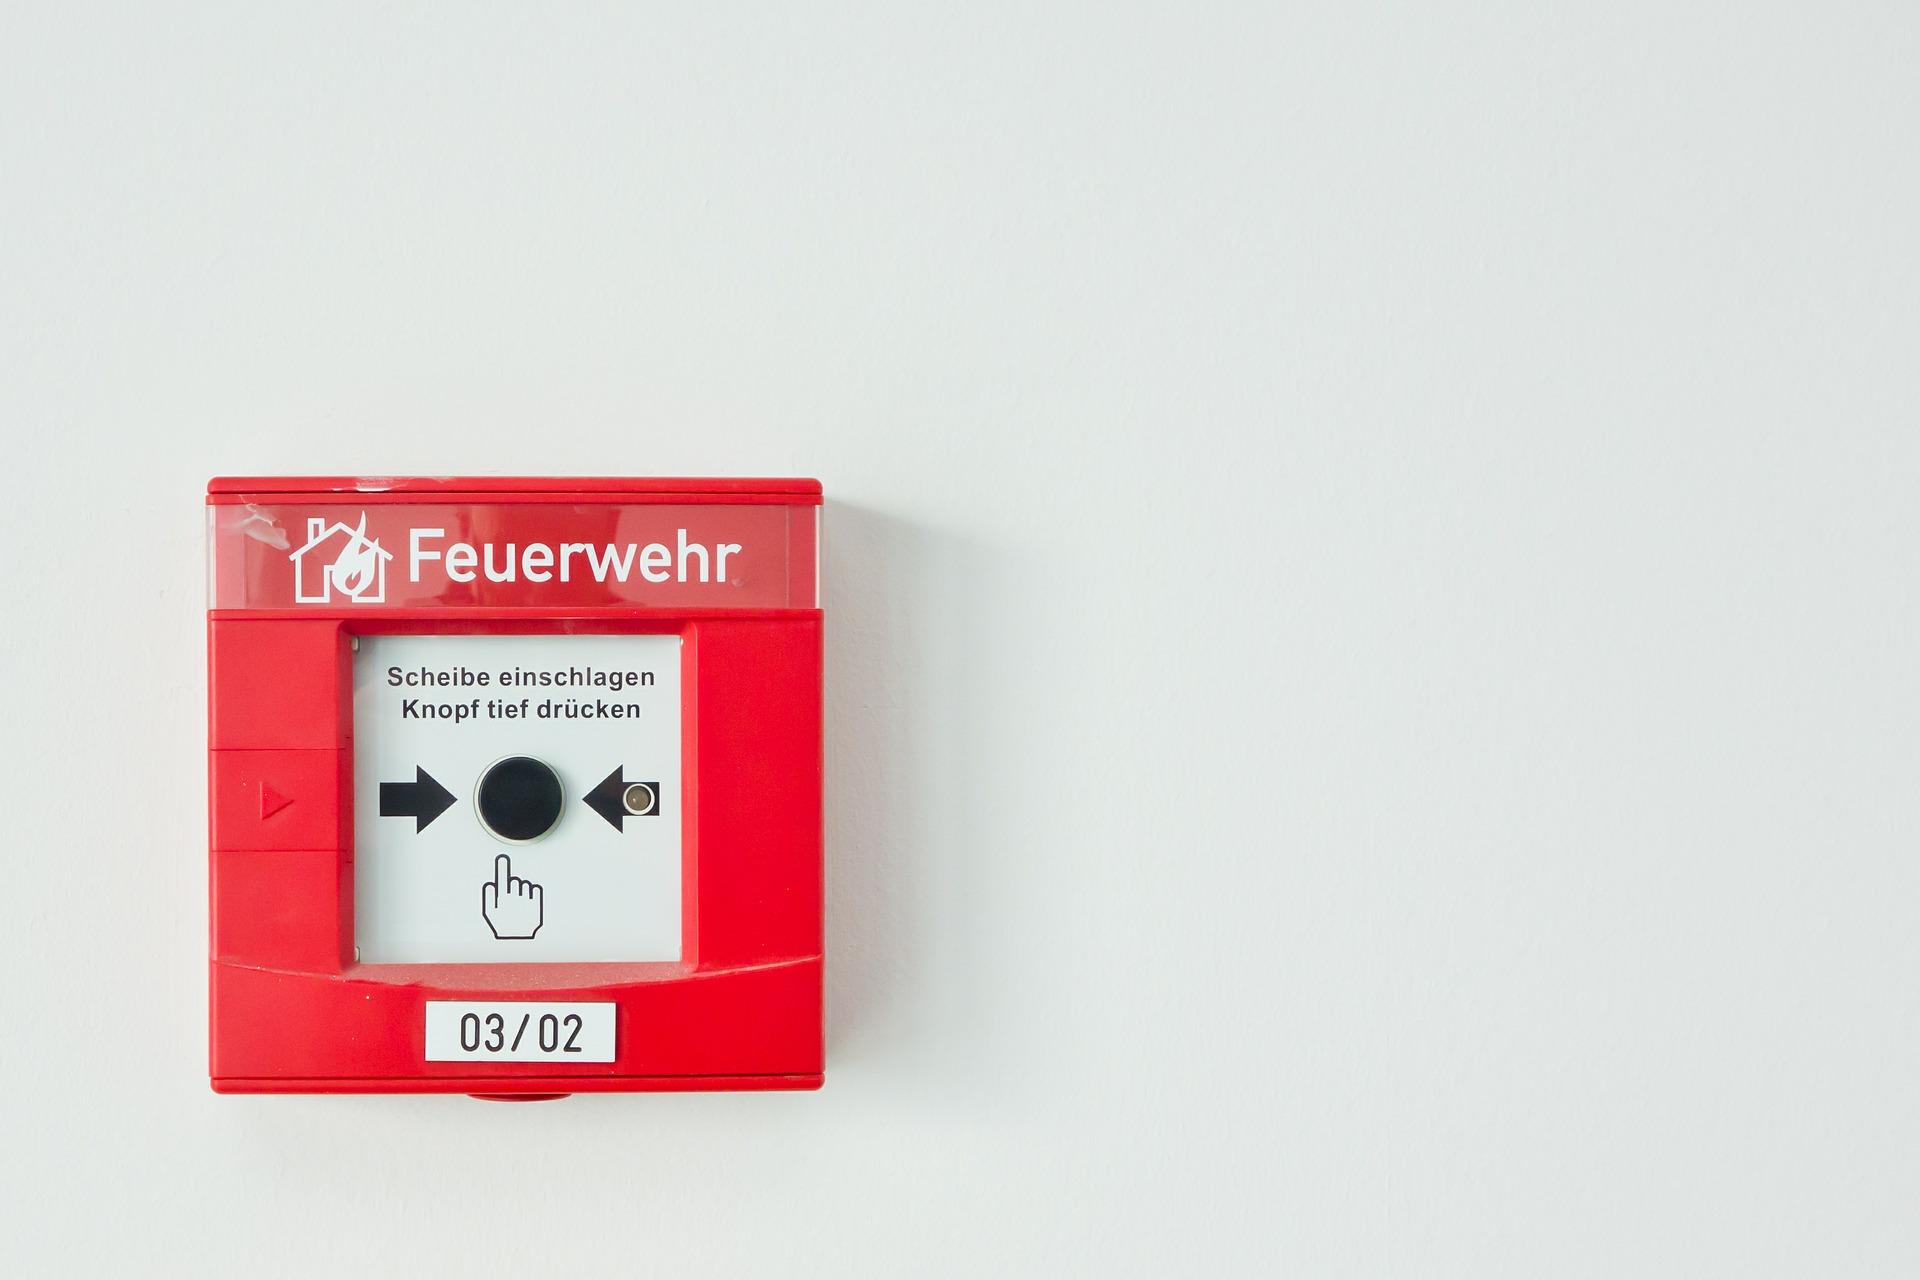 Quando devo fazer um projeto preventivo contra incêndios?